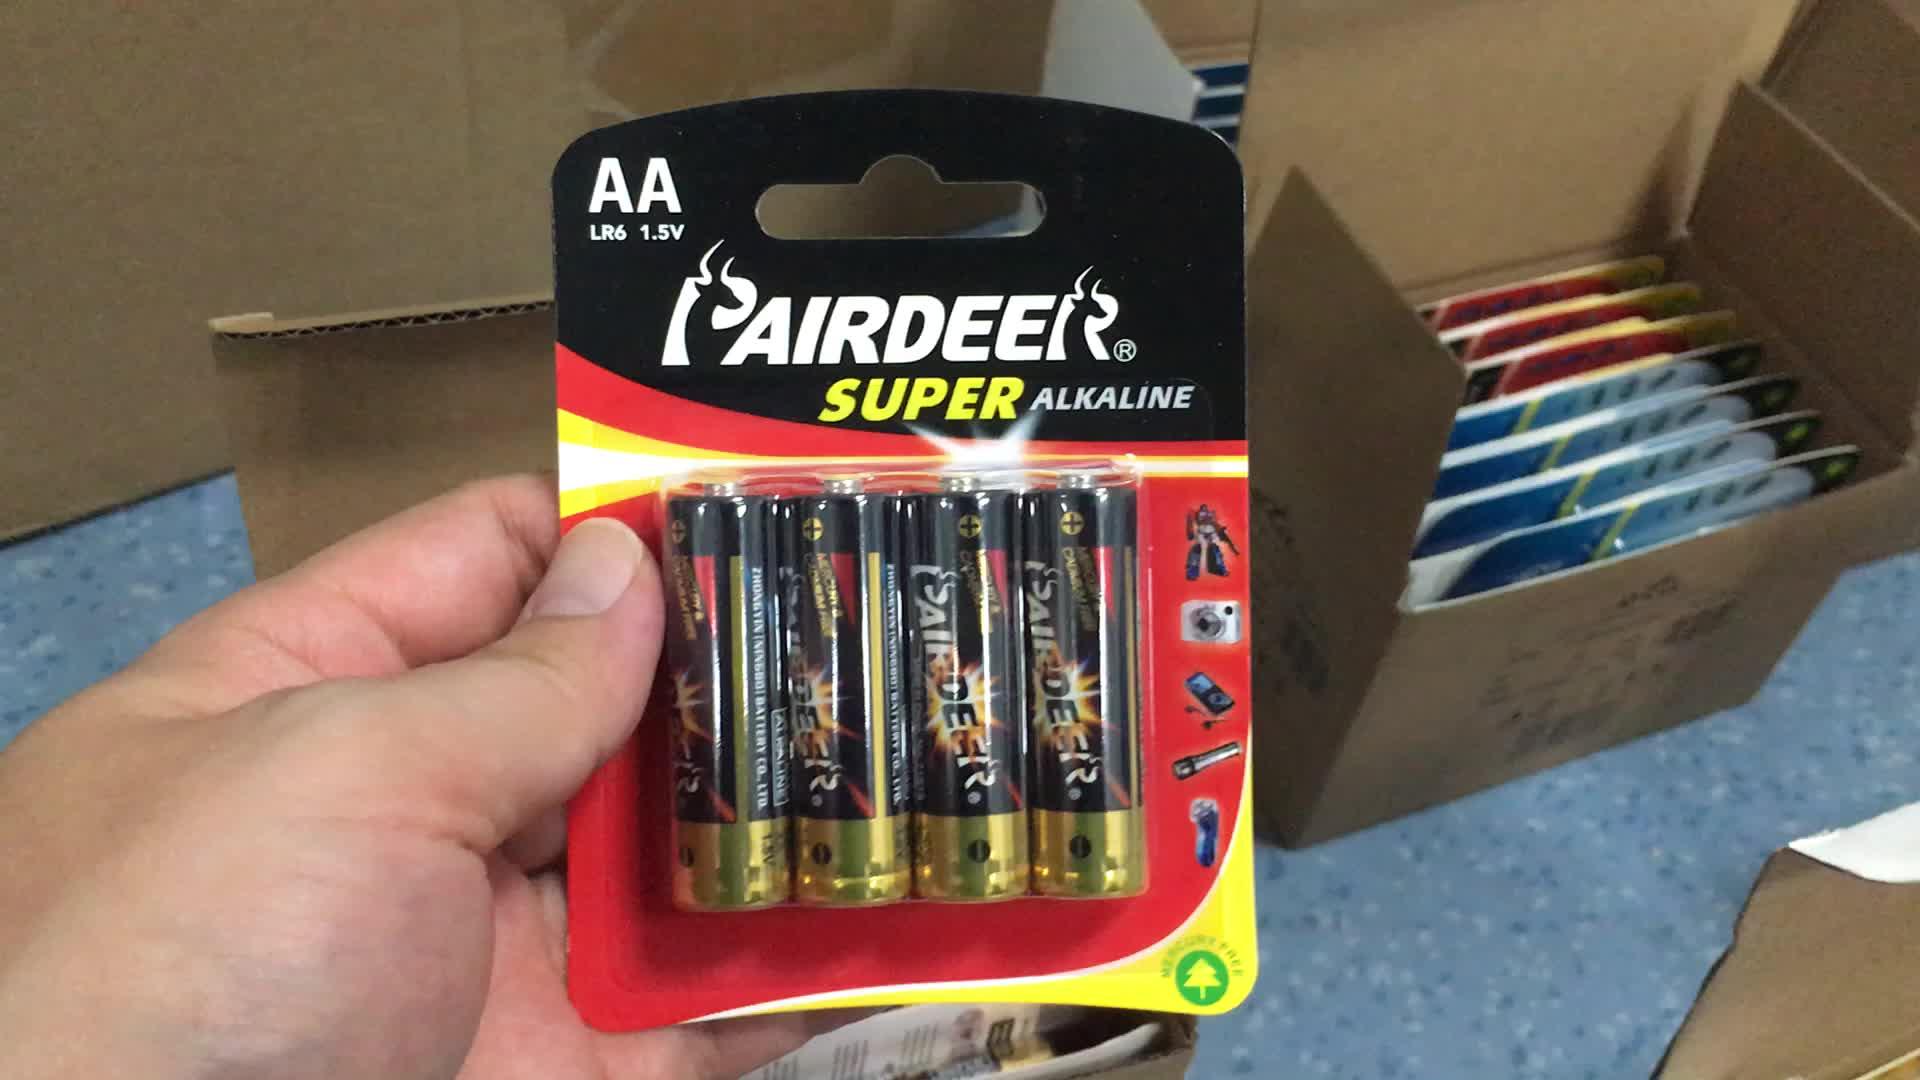 Pairdeer 2900mAh am3 aa 1.5v lr6 lr03 alcaline no. 5 batteria a secco